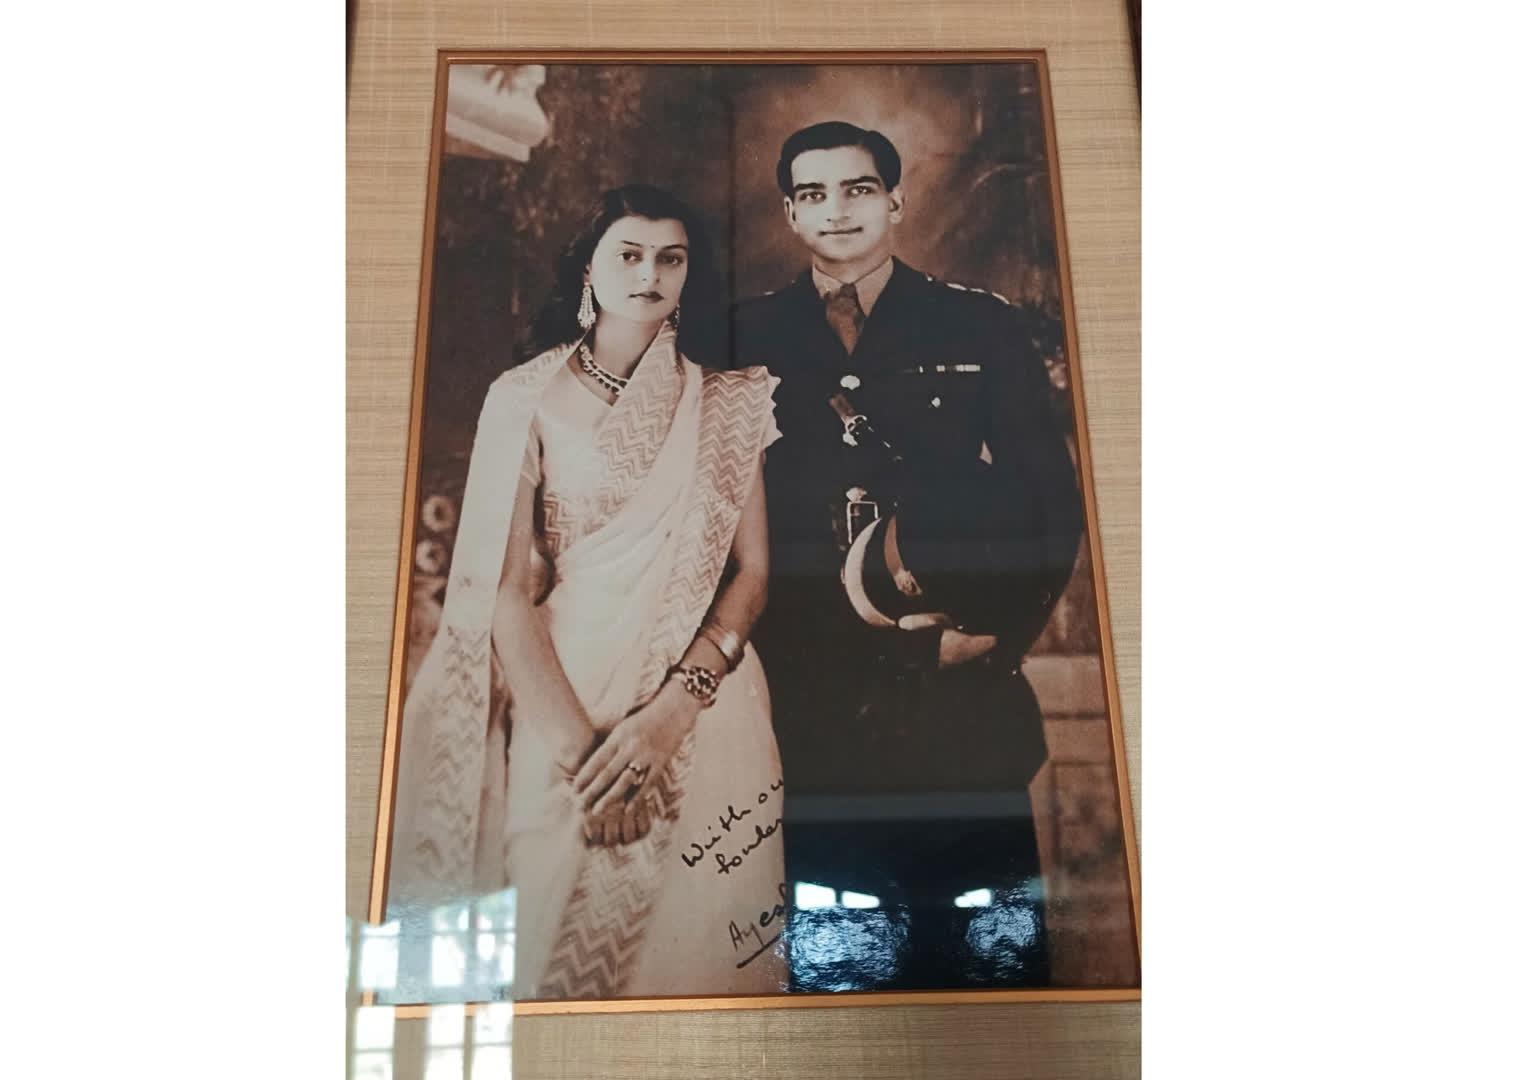 Maharani Gayatri Devi with Maharaja Man Singh II of Jaipur